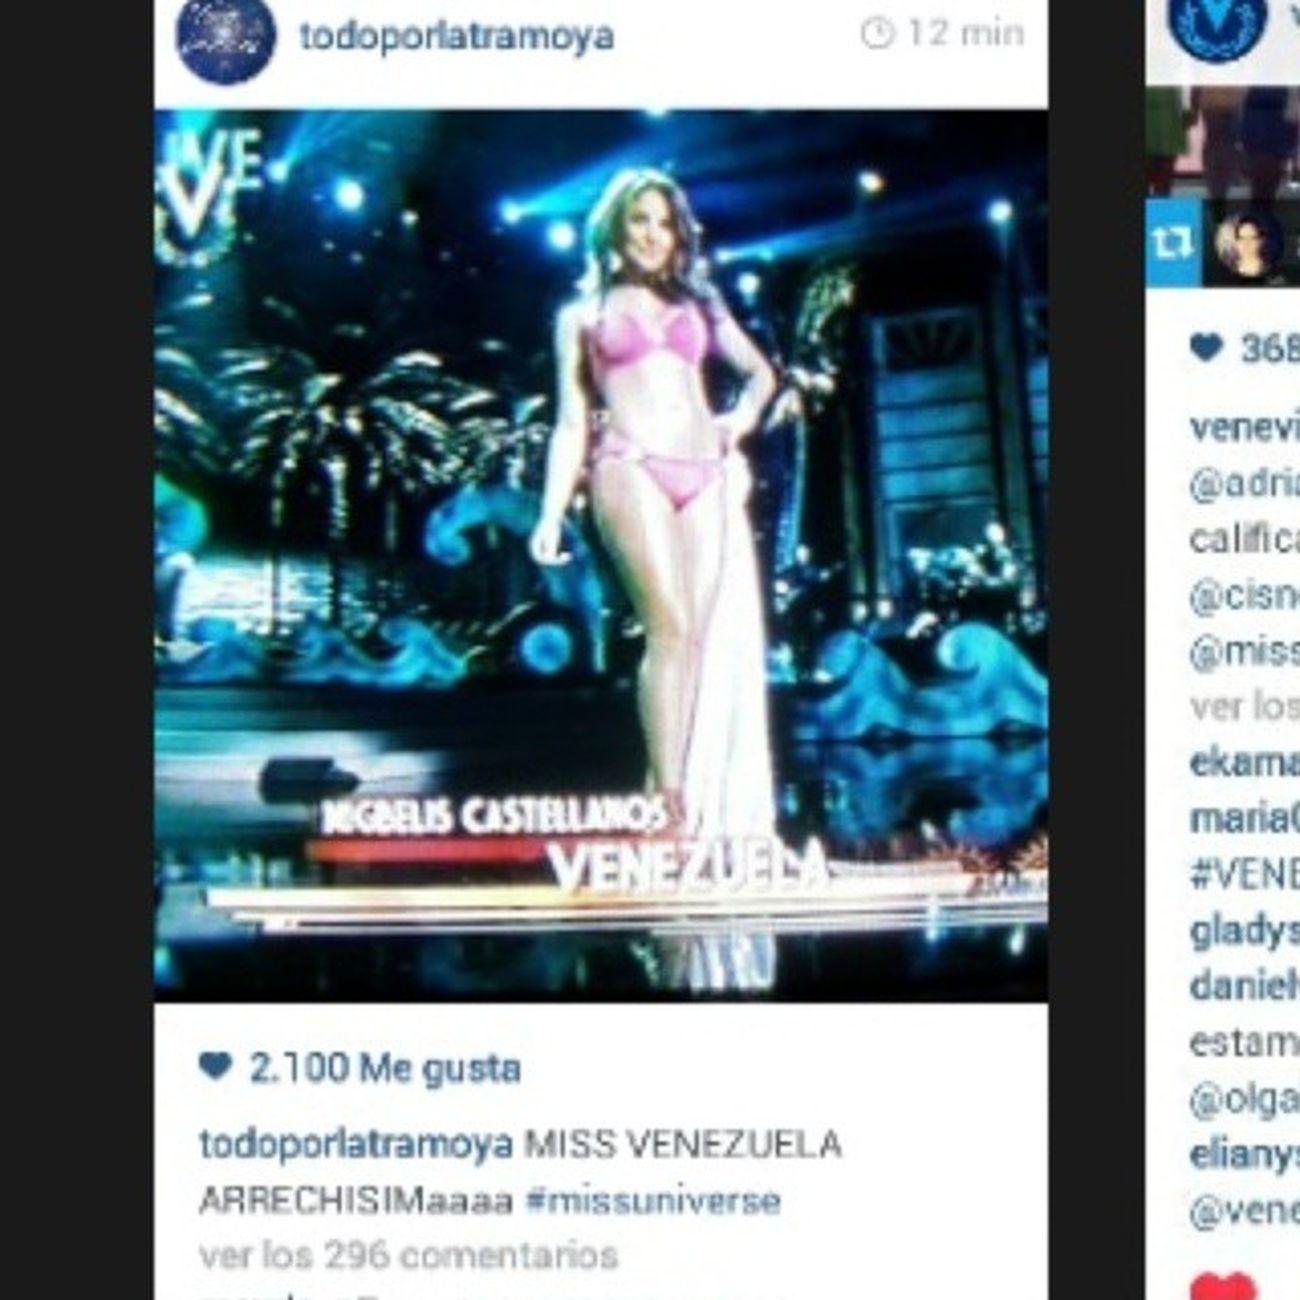 MissUniverso 💅👑 @milynette Arriba Venezuela